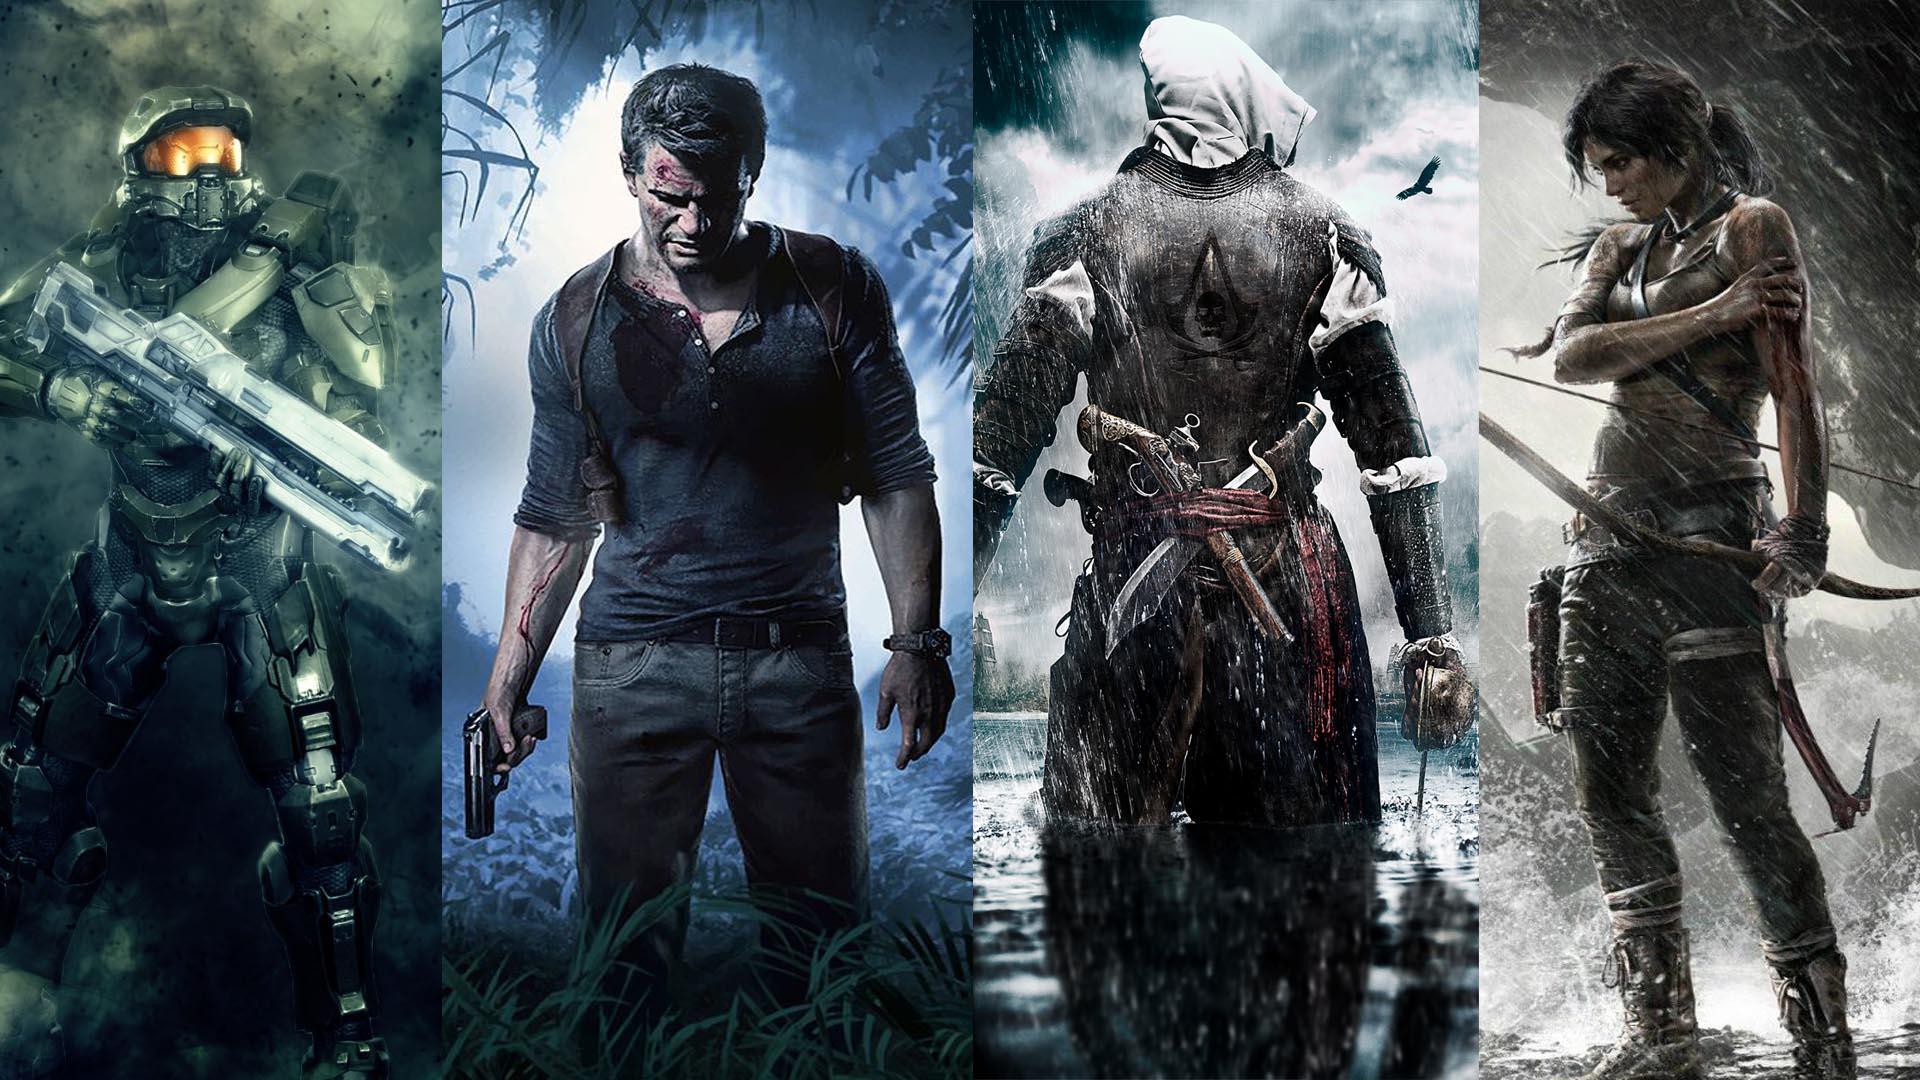 Personajes de videojuegos.